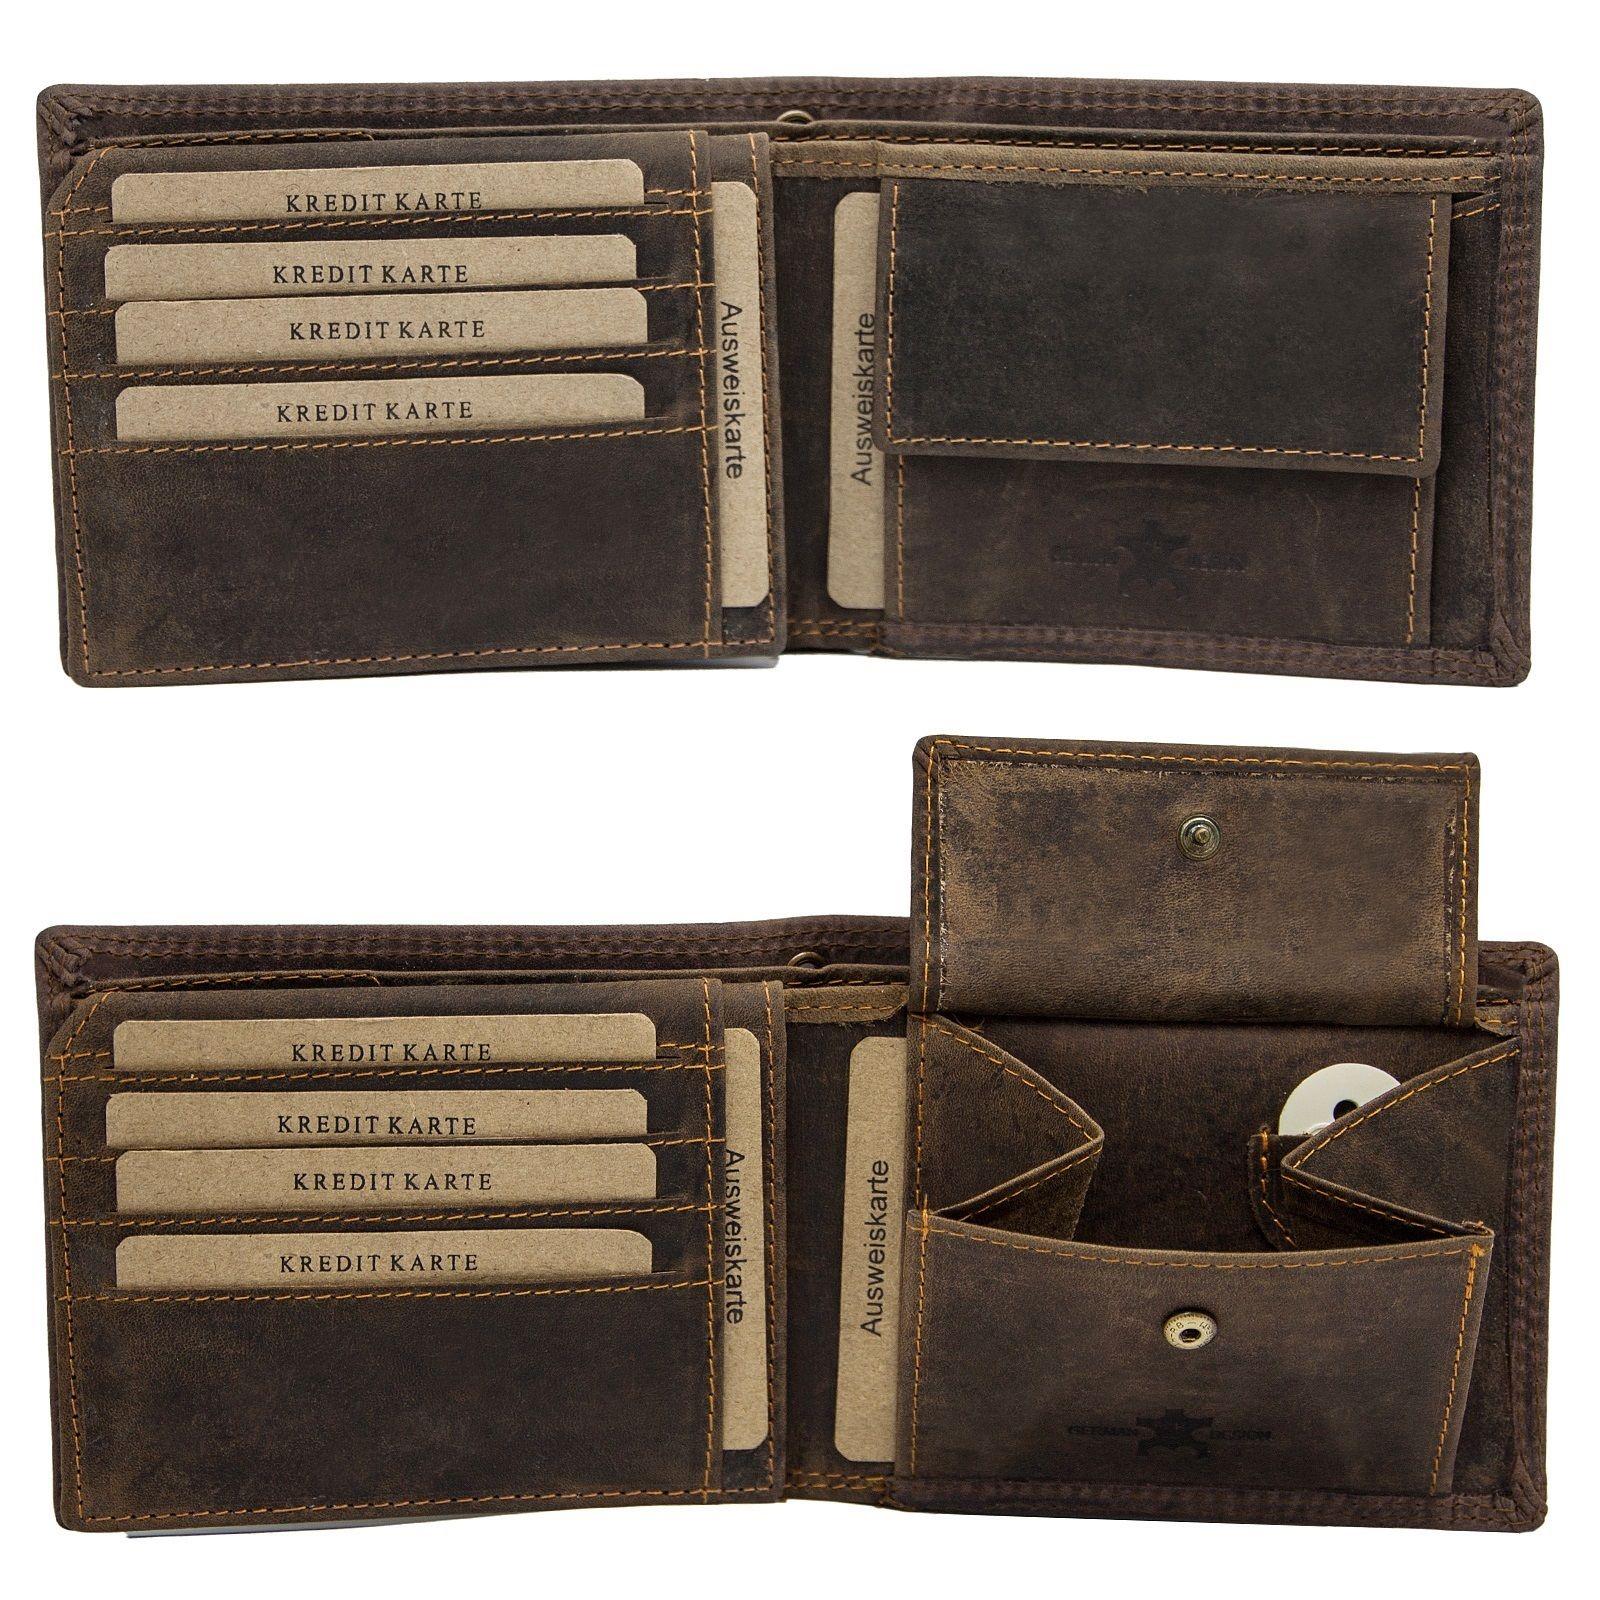 8883ae353e947 Luxus 111Herren Büffelleder Geldbörse Geldbeutel Brieftasche echt leder top  Motive